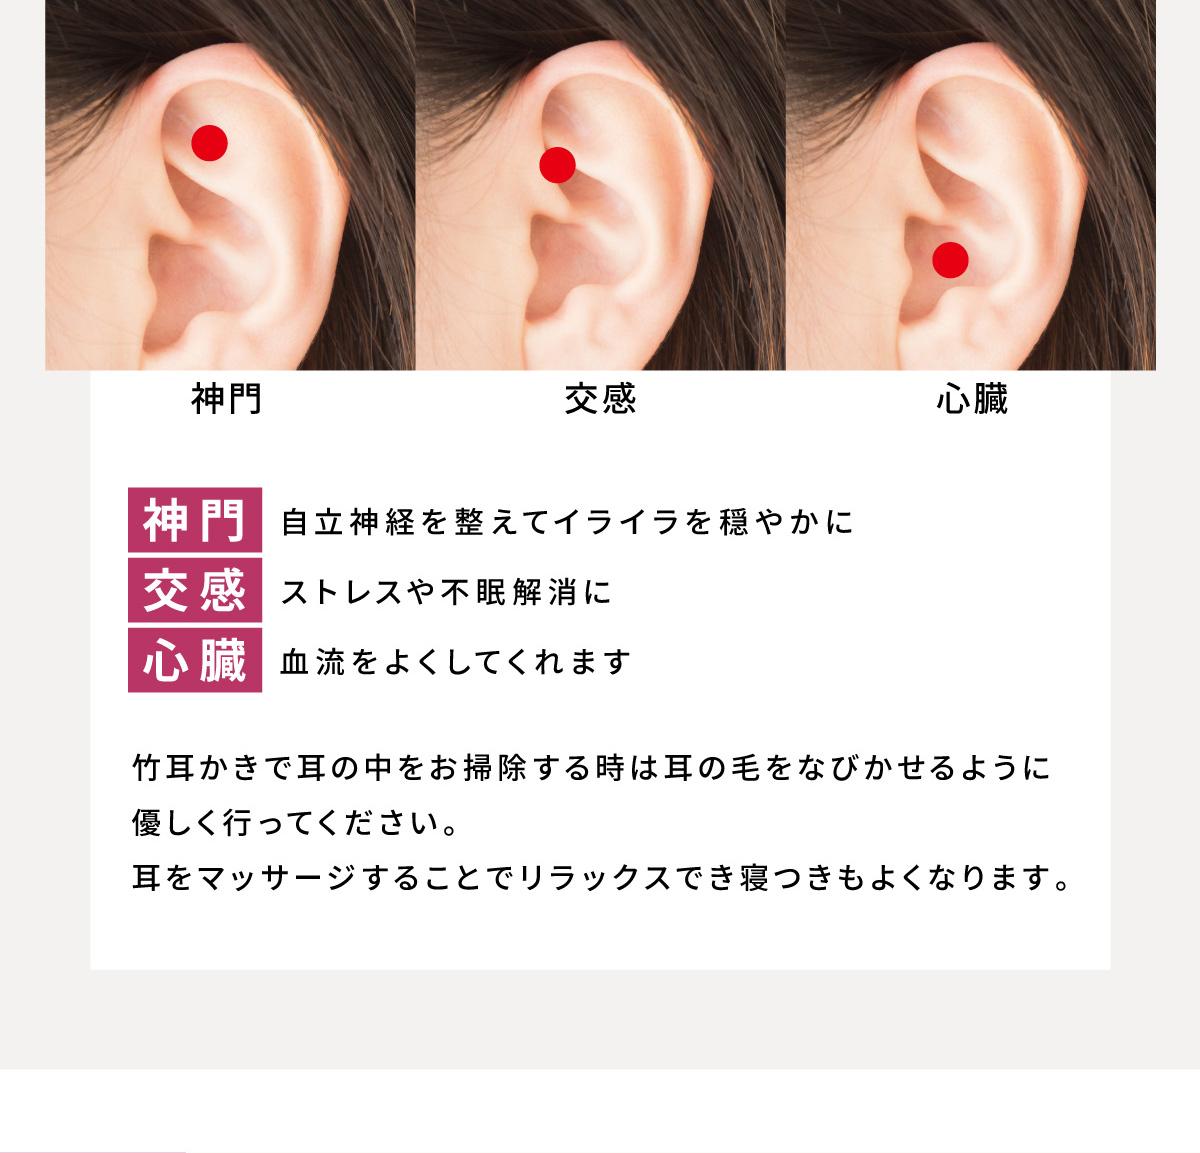 が 奥 痛い の ストレス 耳